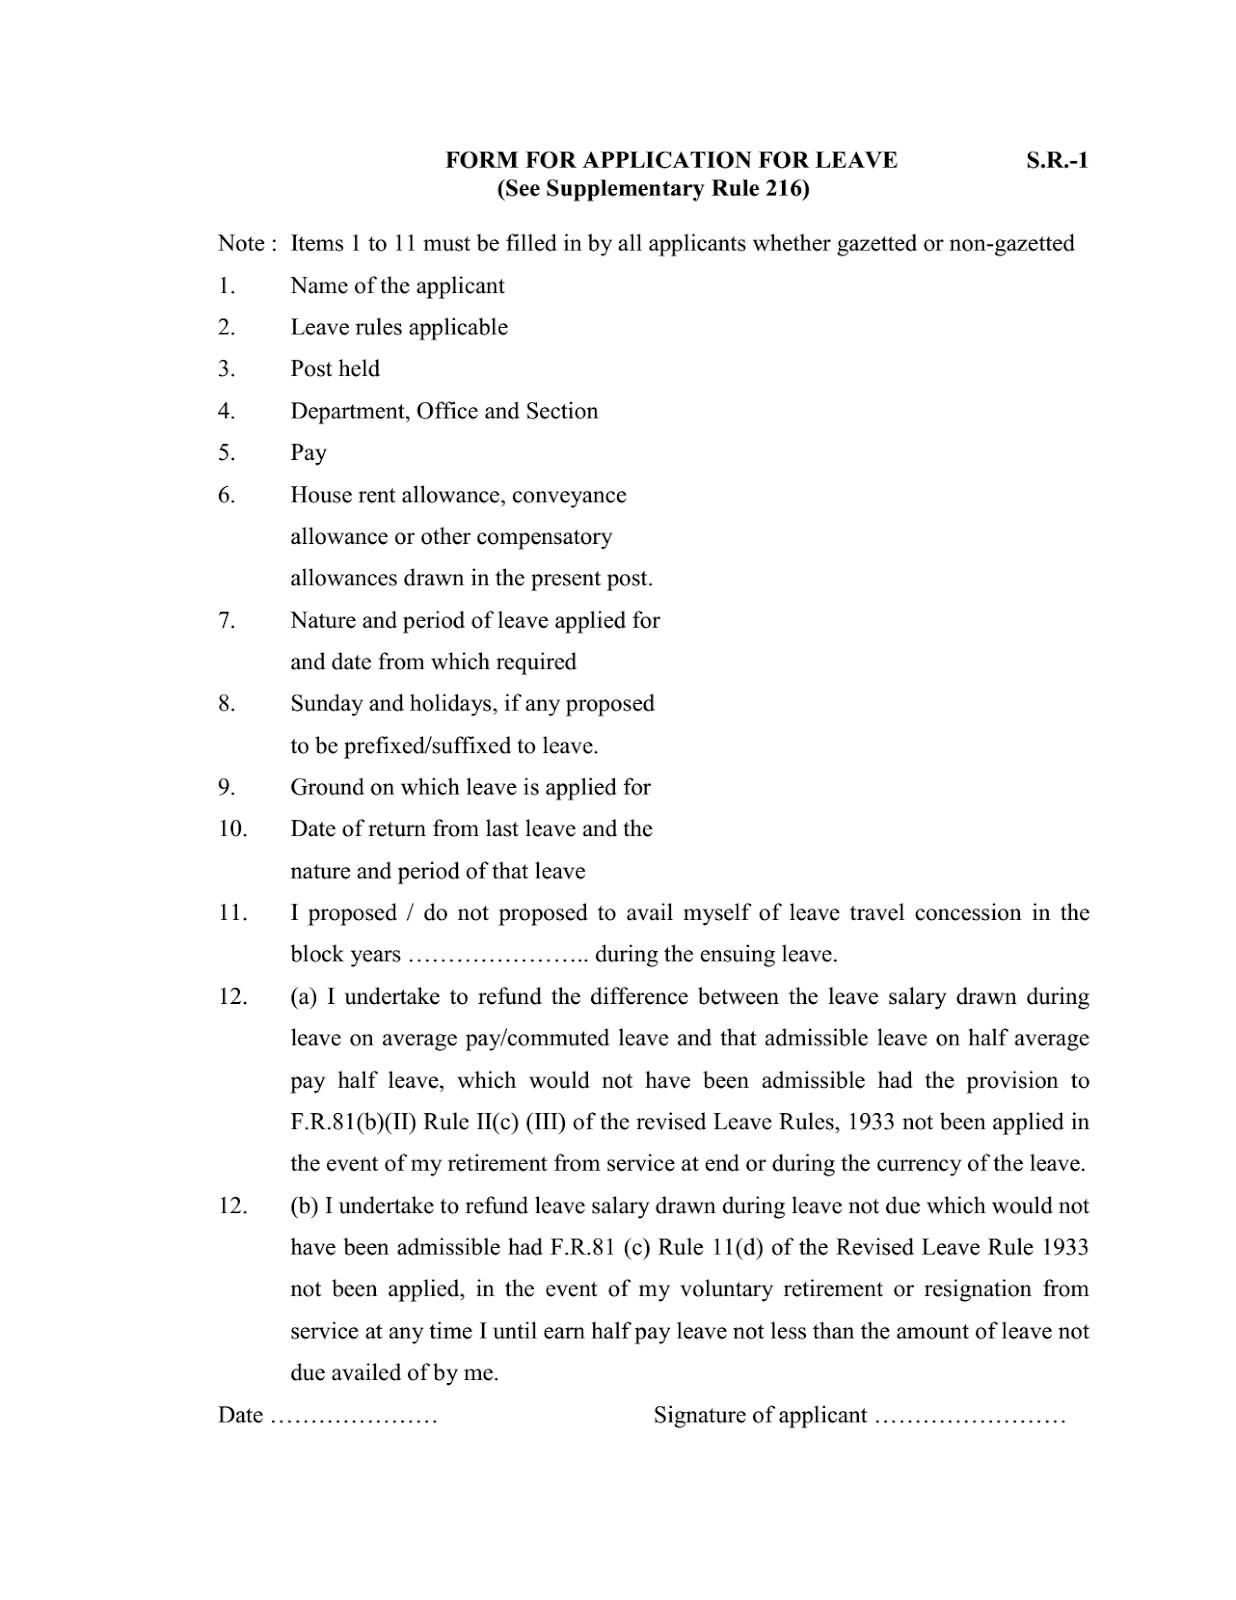 Leave pdf ccs rules